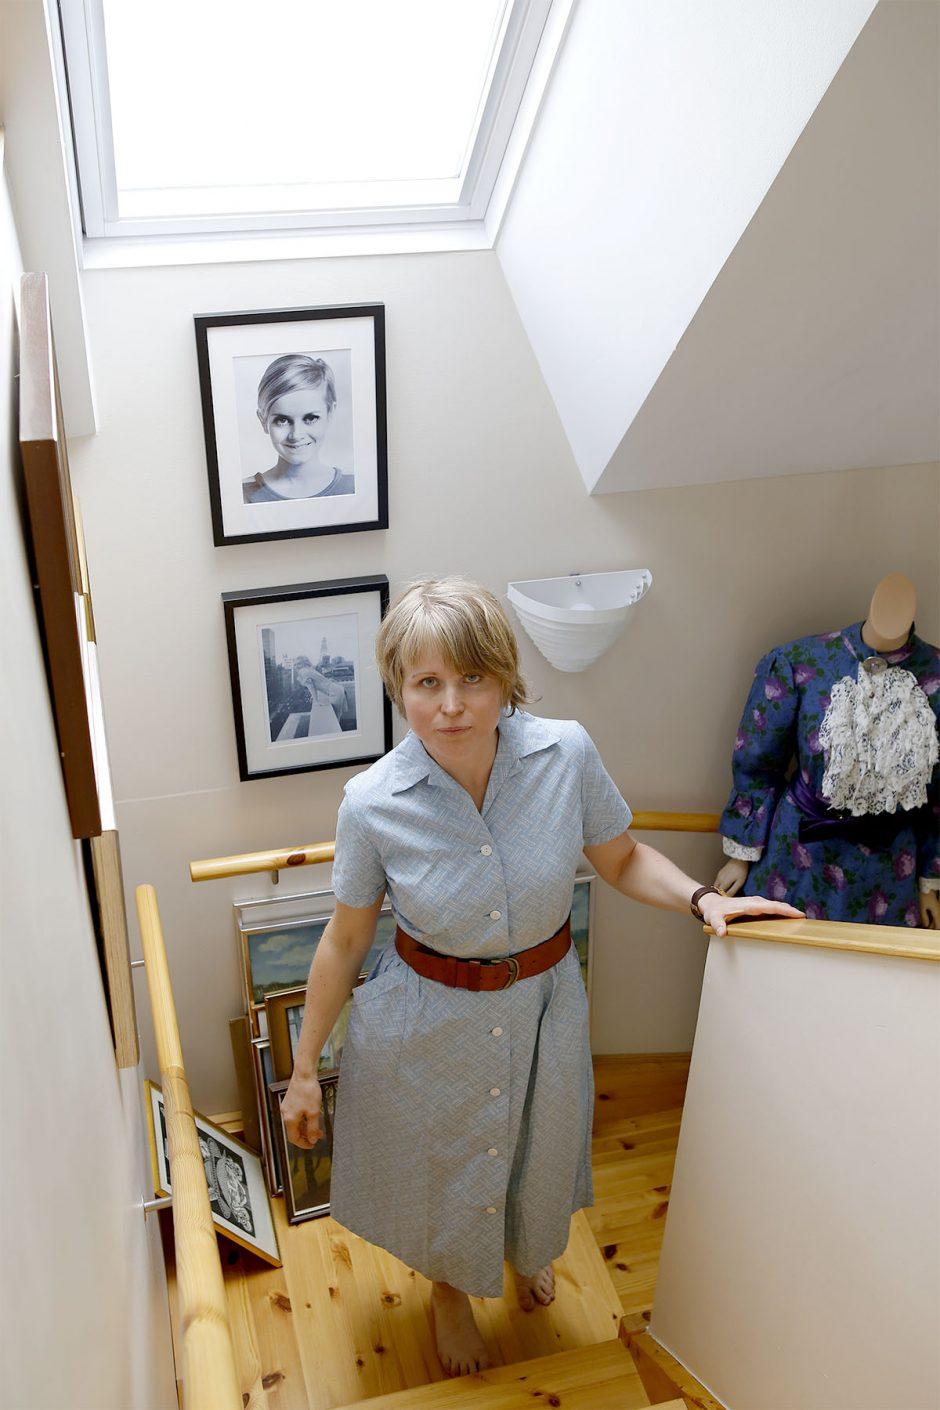 vintageklänning i trappan